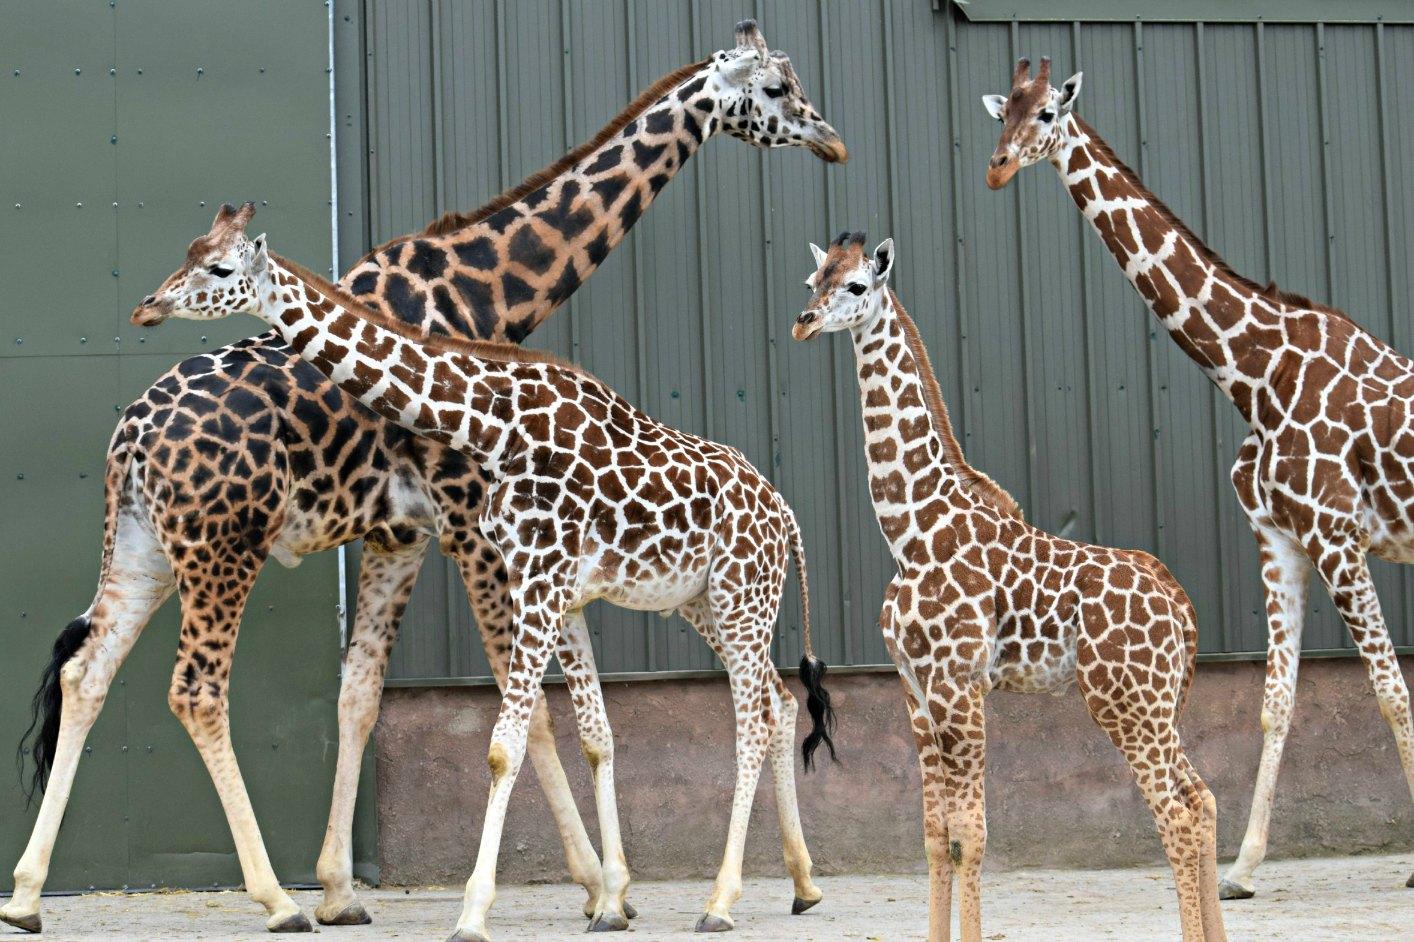 4Giraffe family